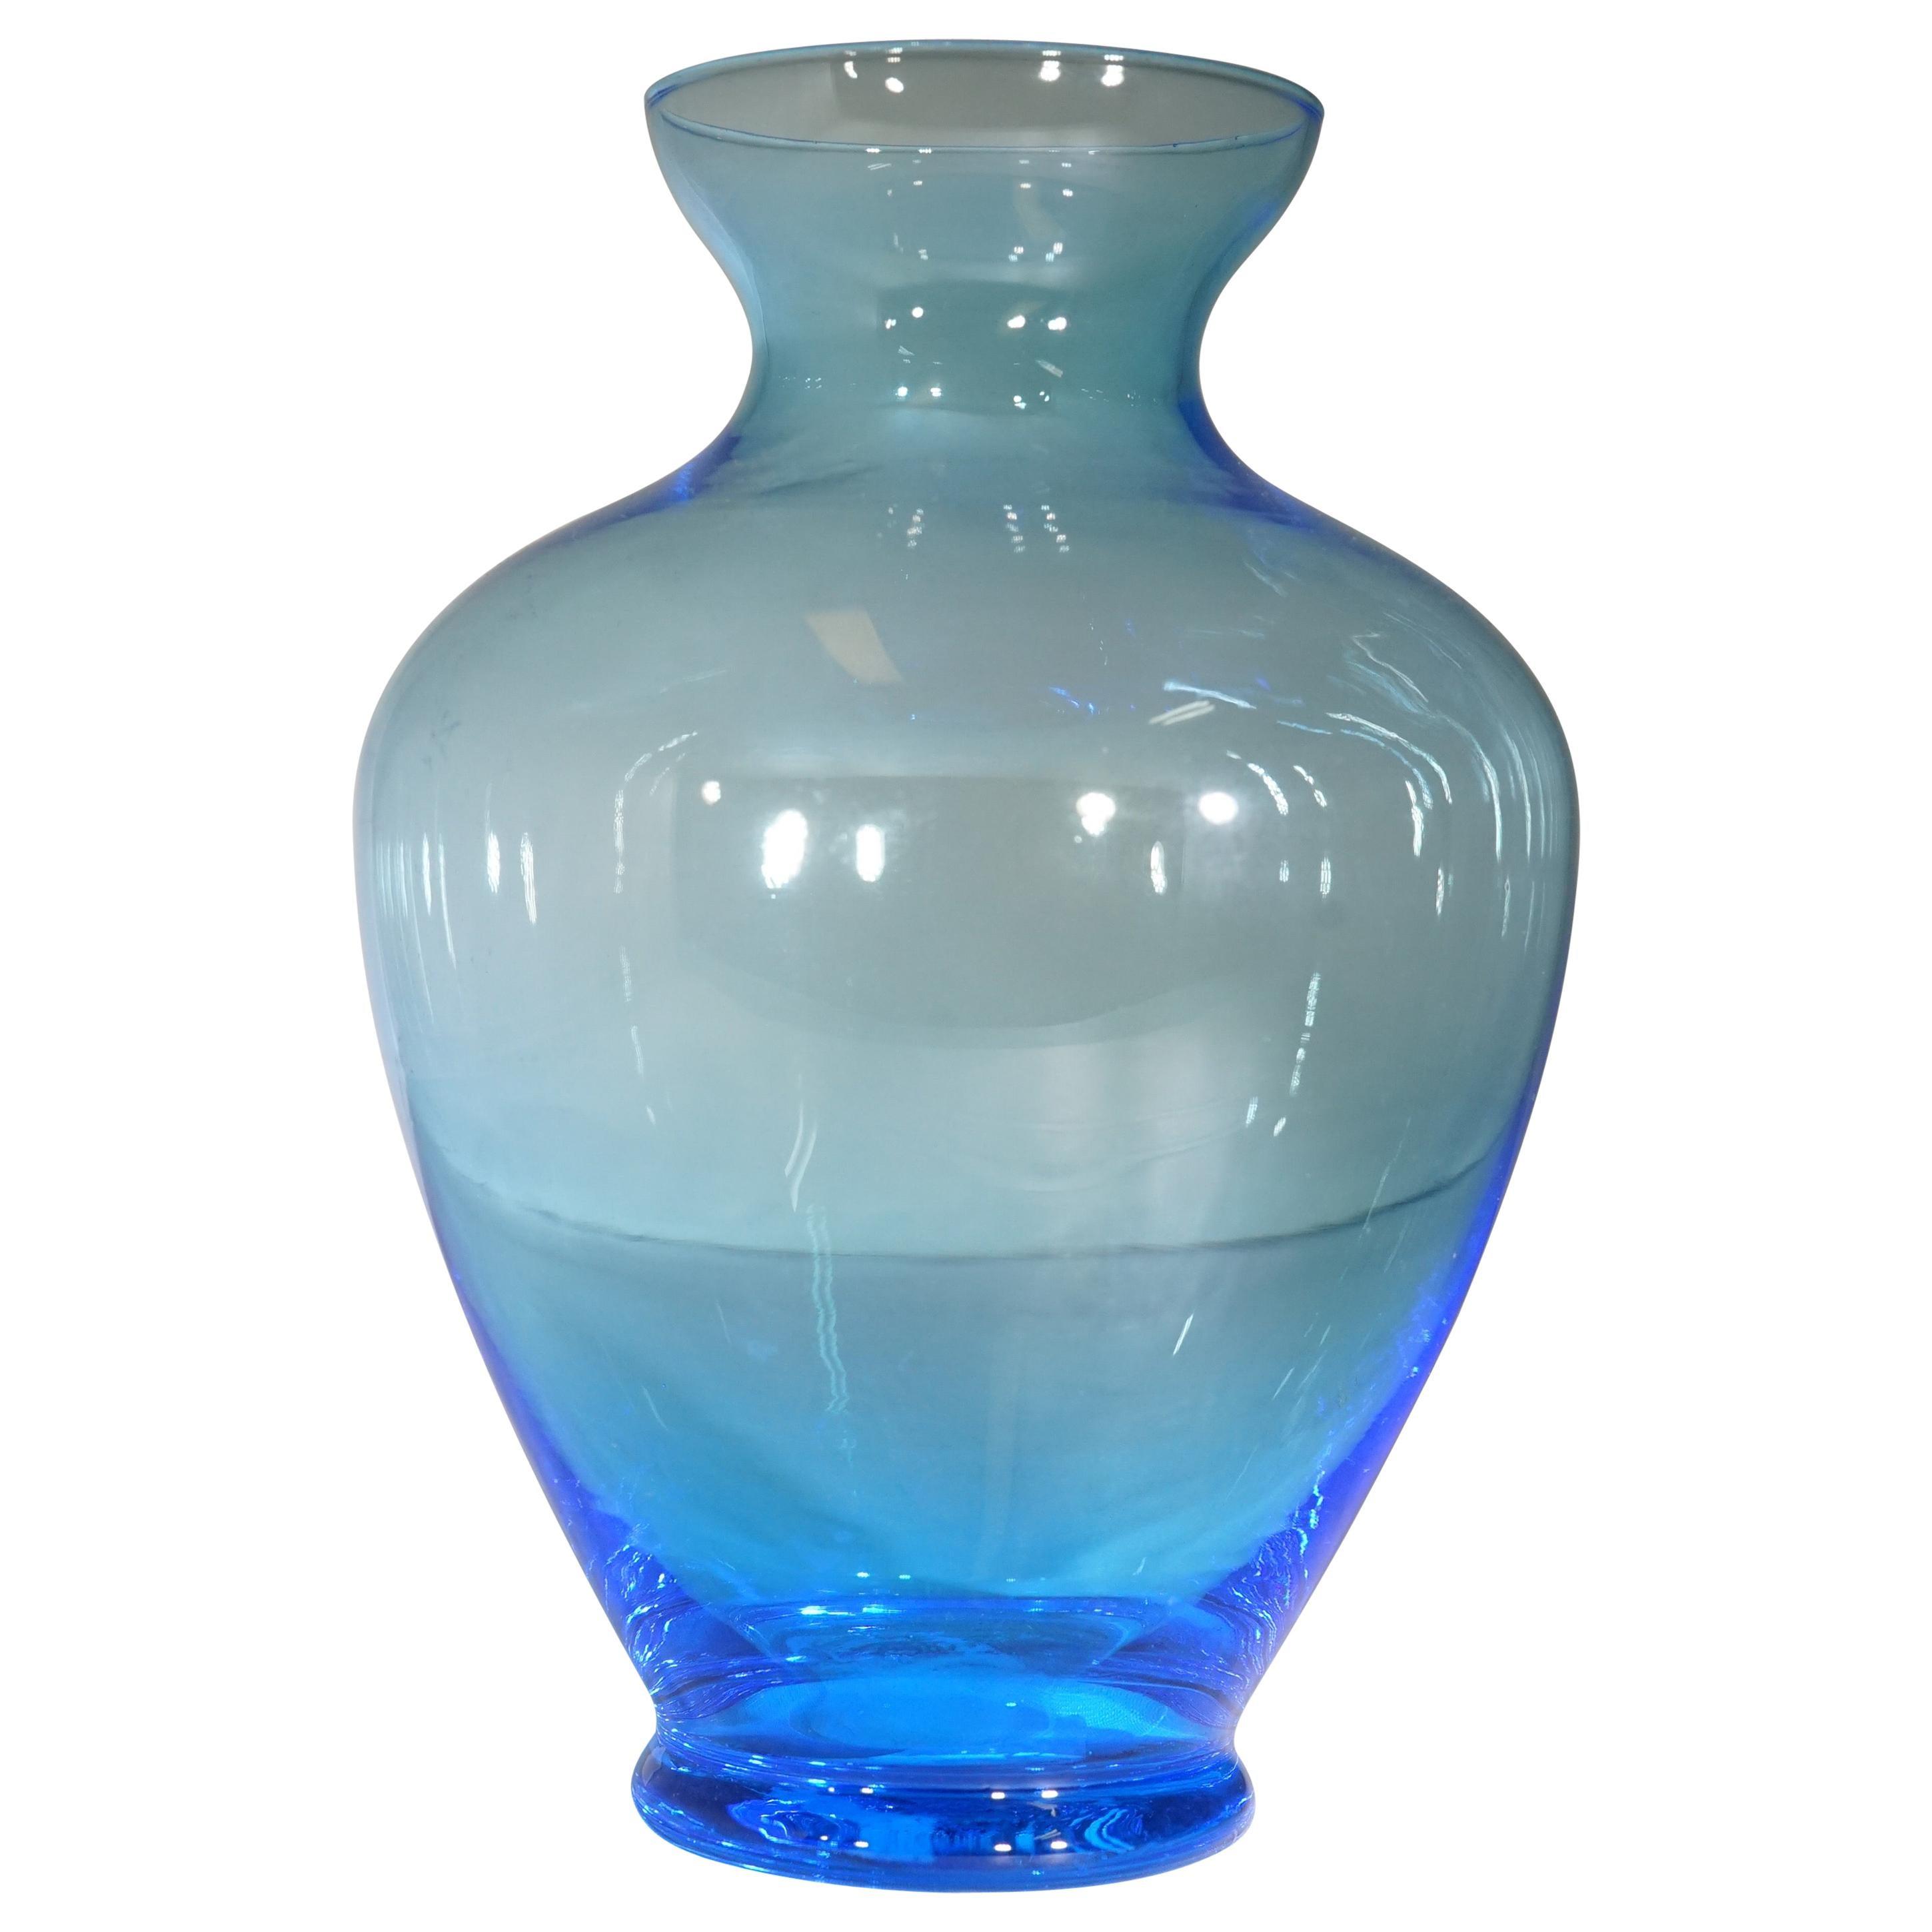 1980s Italian Light Blue Murano Glass Vase